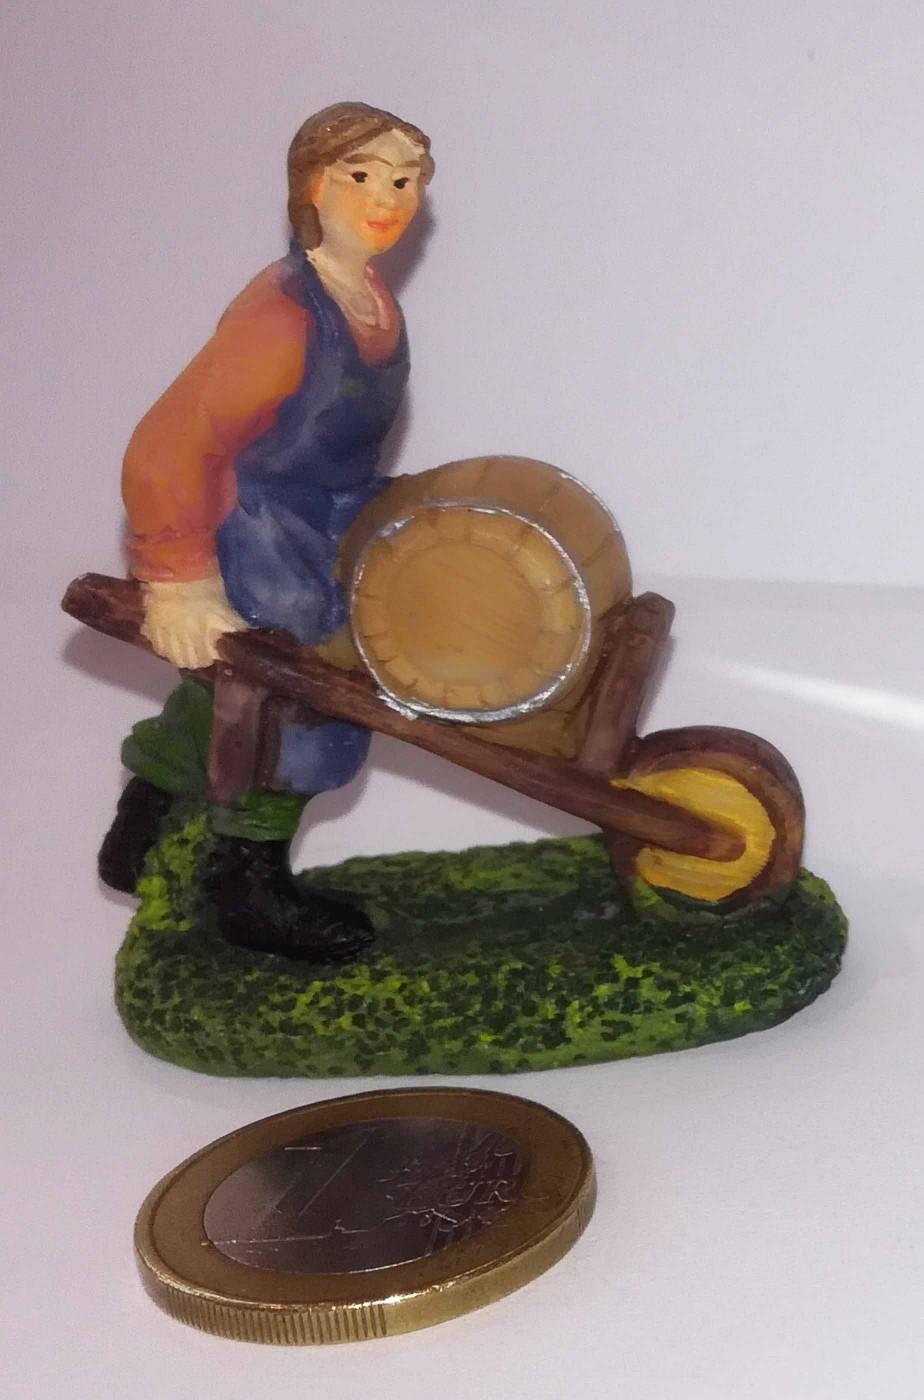 Figurina Presepe in plastica (cm 5,5) pollaiolo pollivendolo